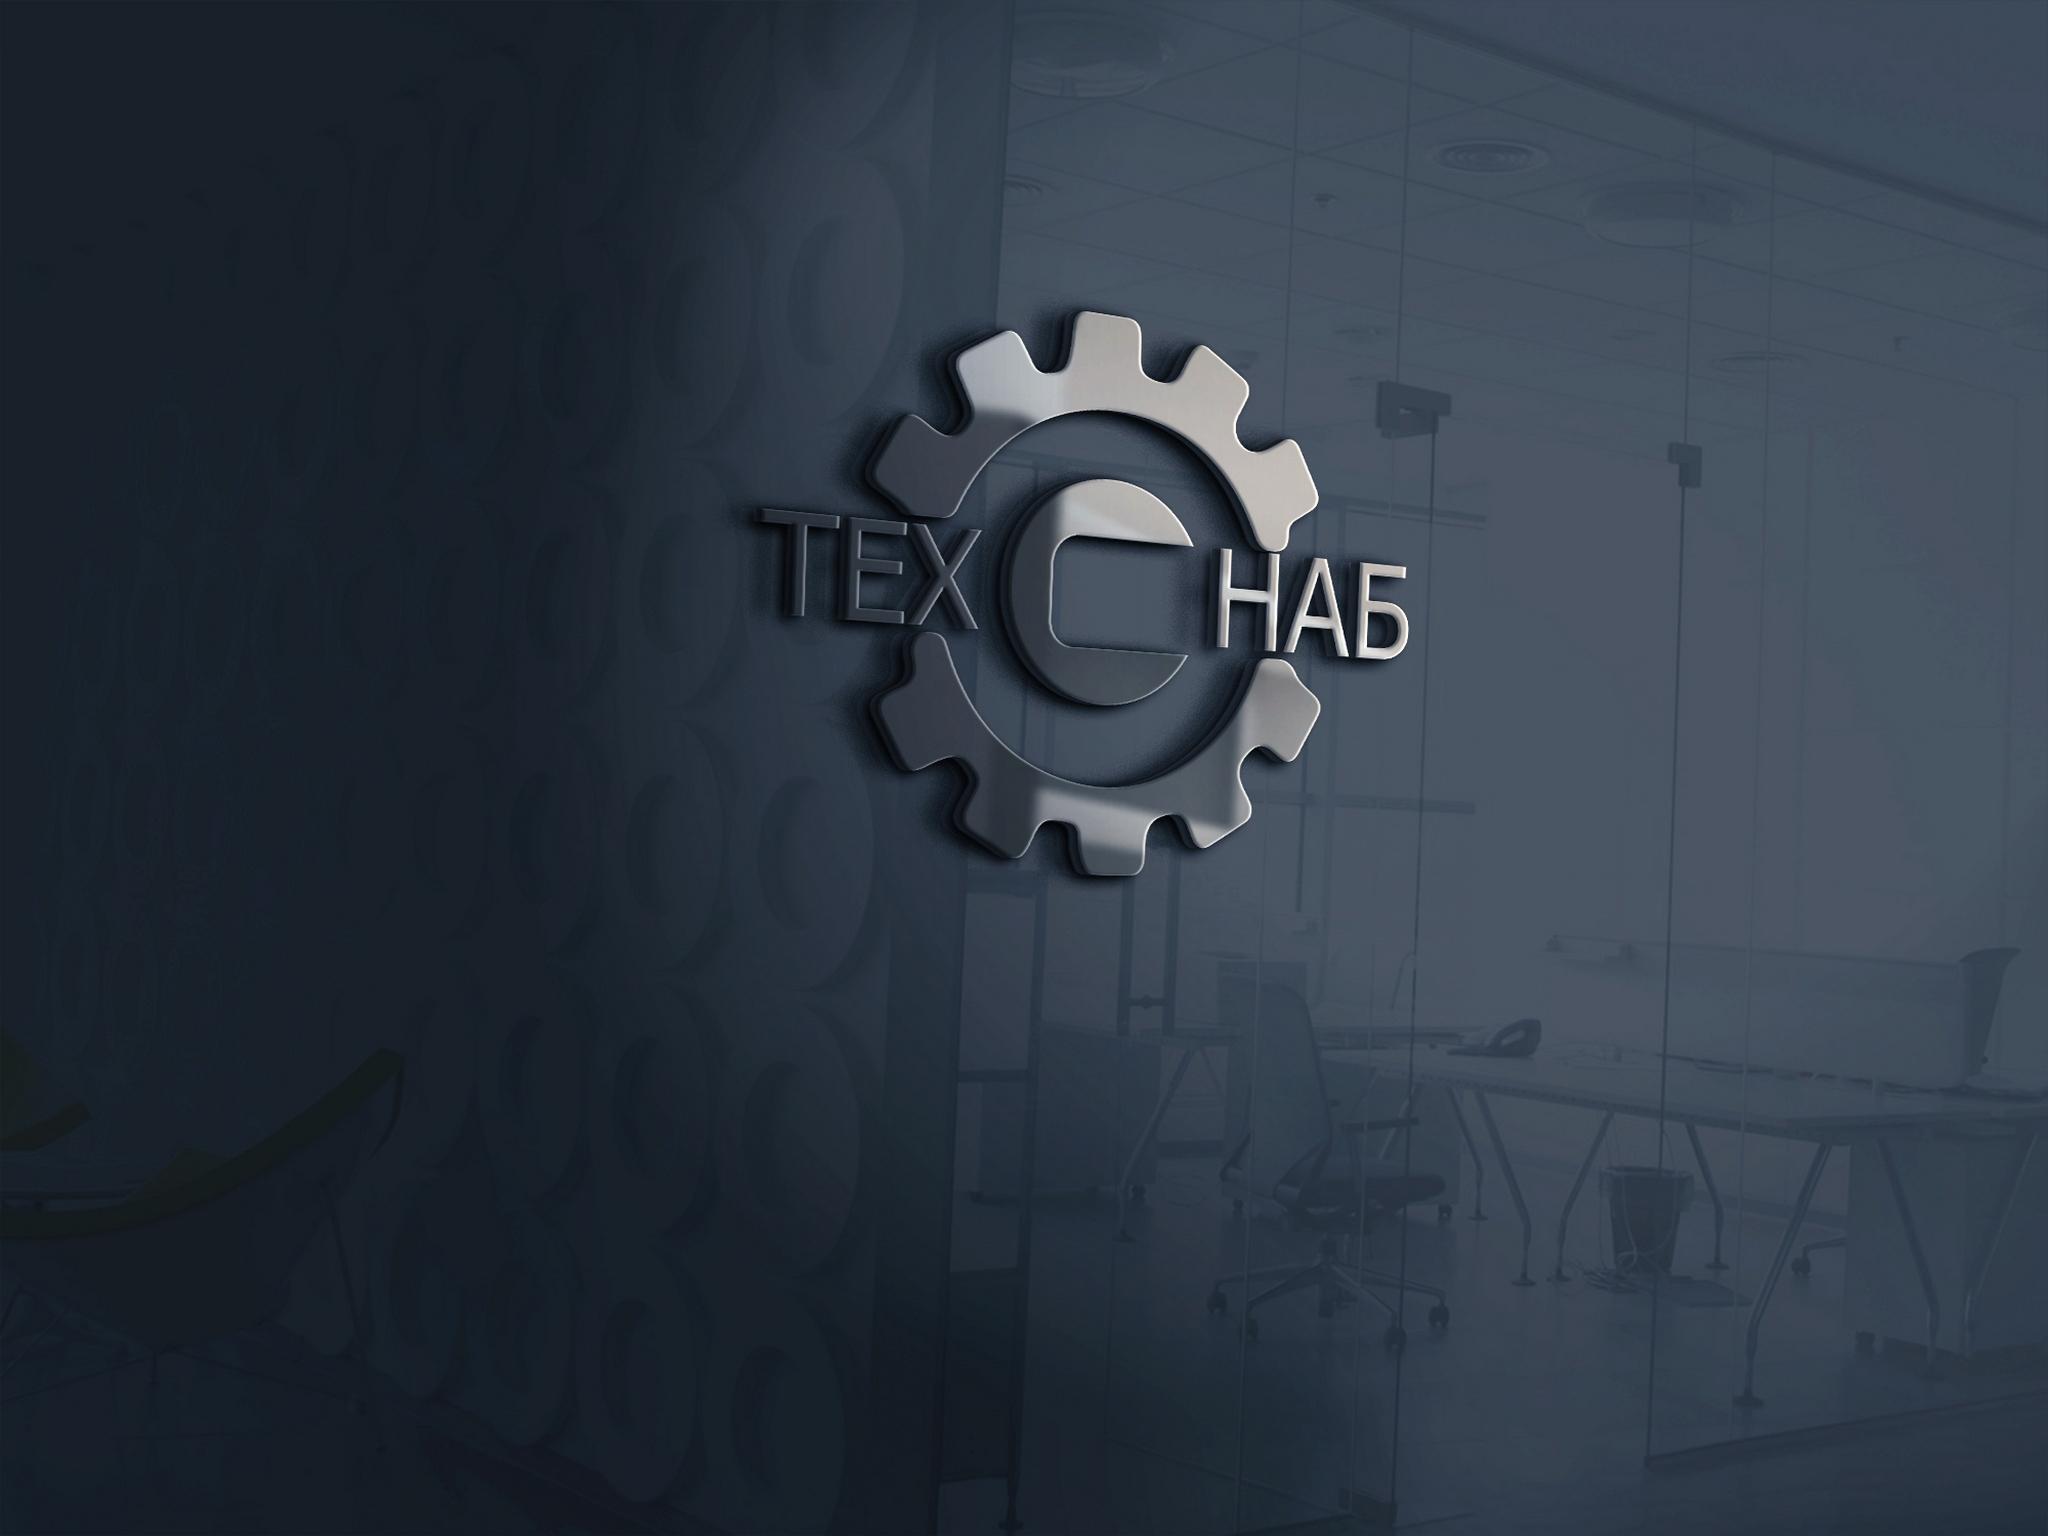 Разработка логотипа и фирм. стиля компании  ТЕХСНАБ фото f_2365b1fac803d922.jpg